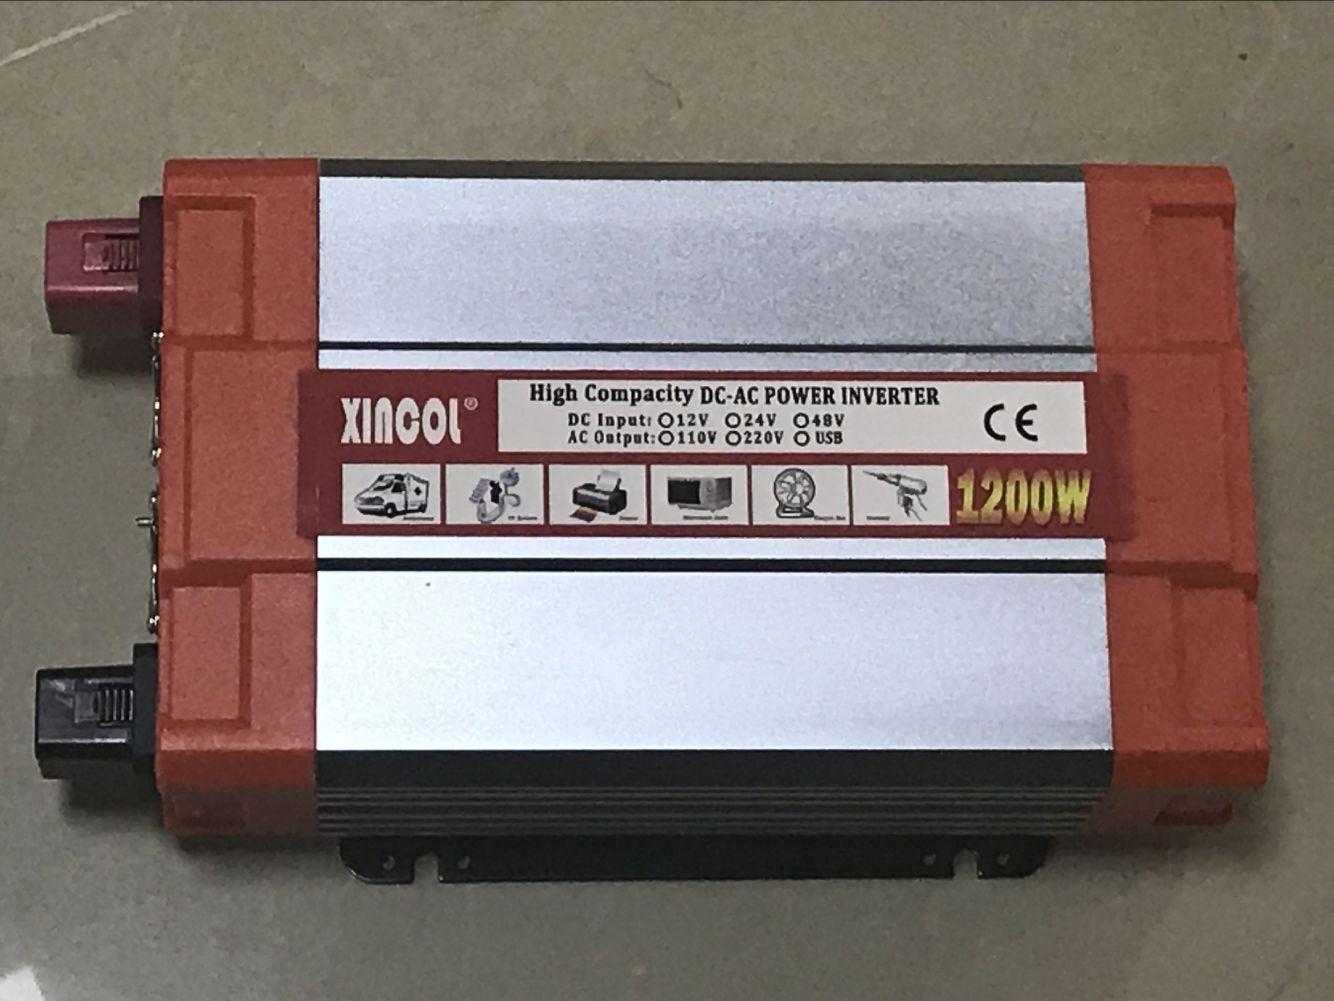 Powerinverter1200W0203